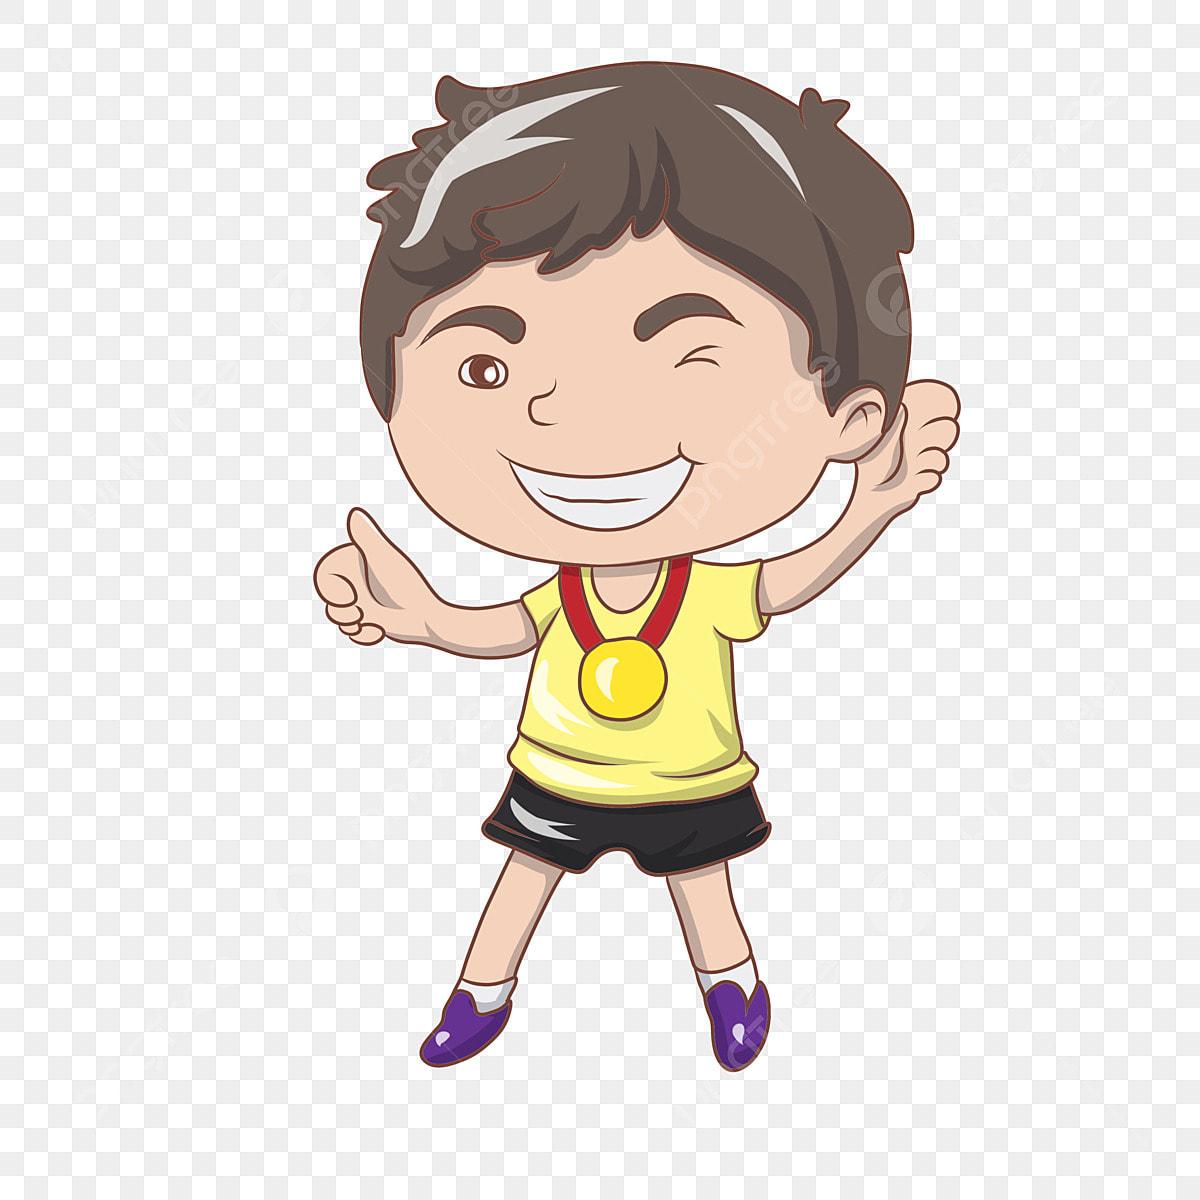 Hand Drawn Boy Trophy Medal Awarding Boy, Illustration